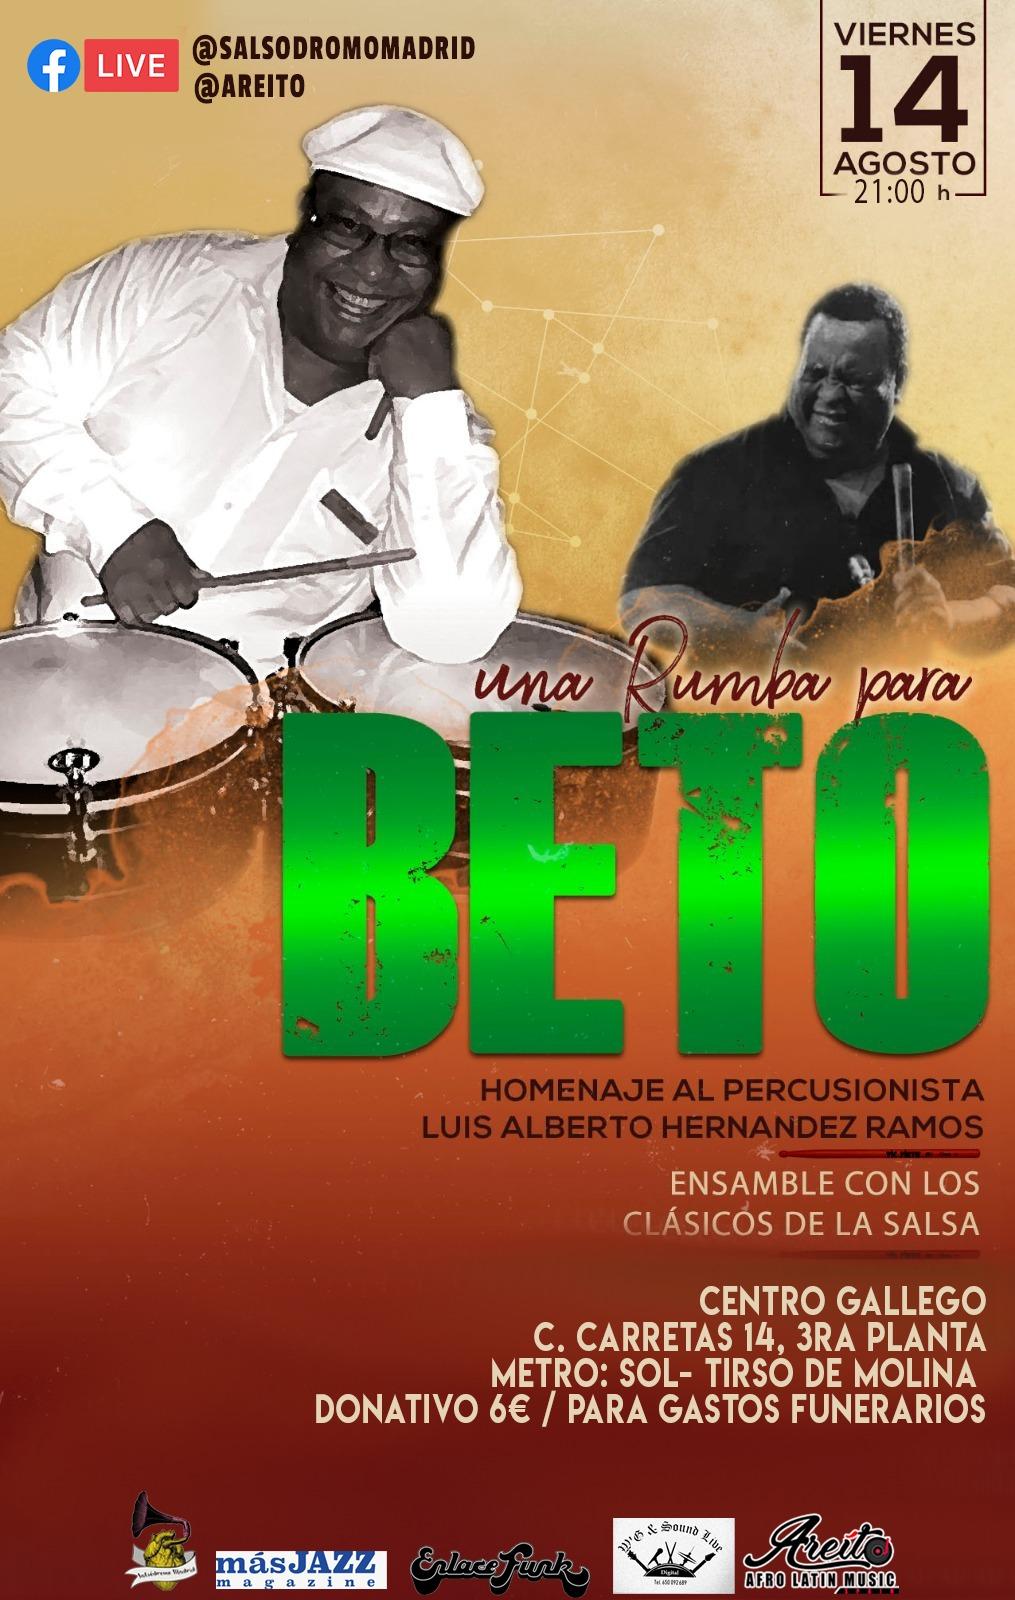 Una Rumba para Beto @ Centro Gallego